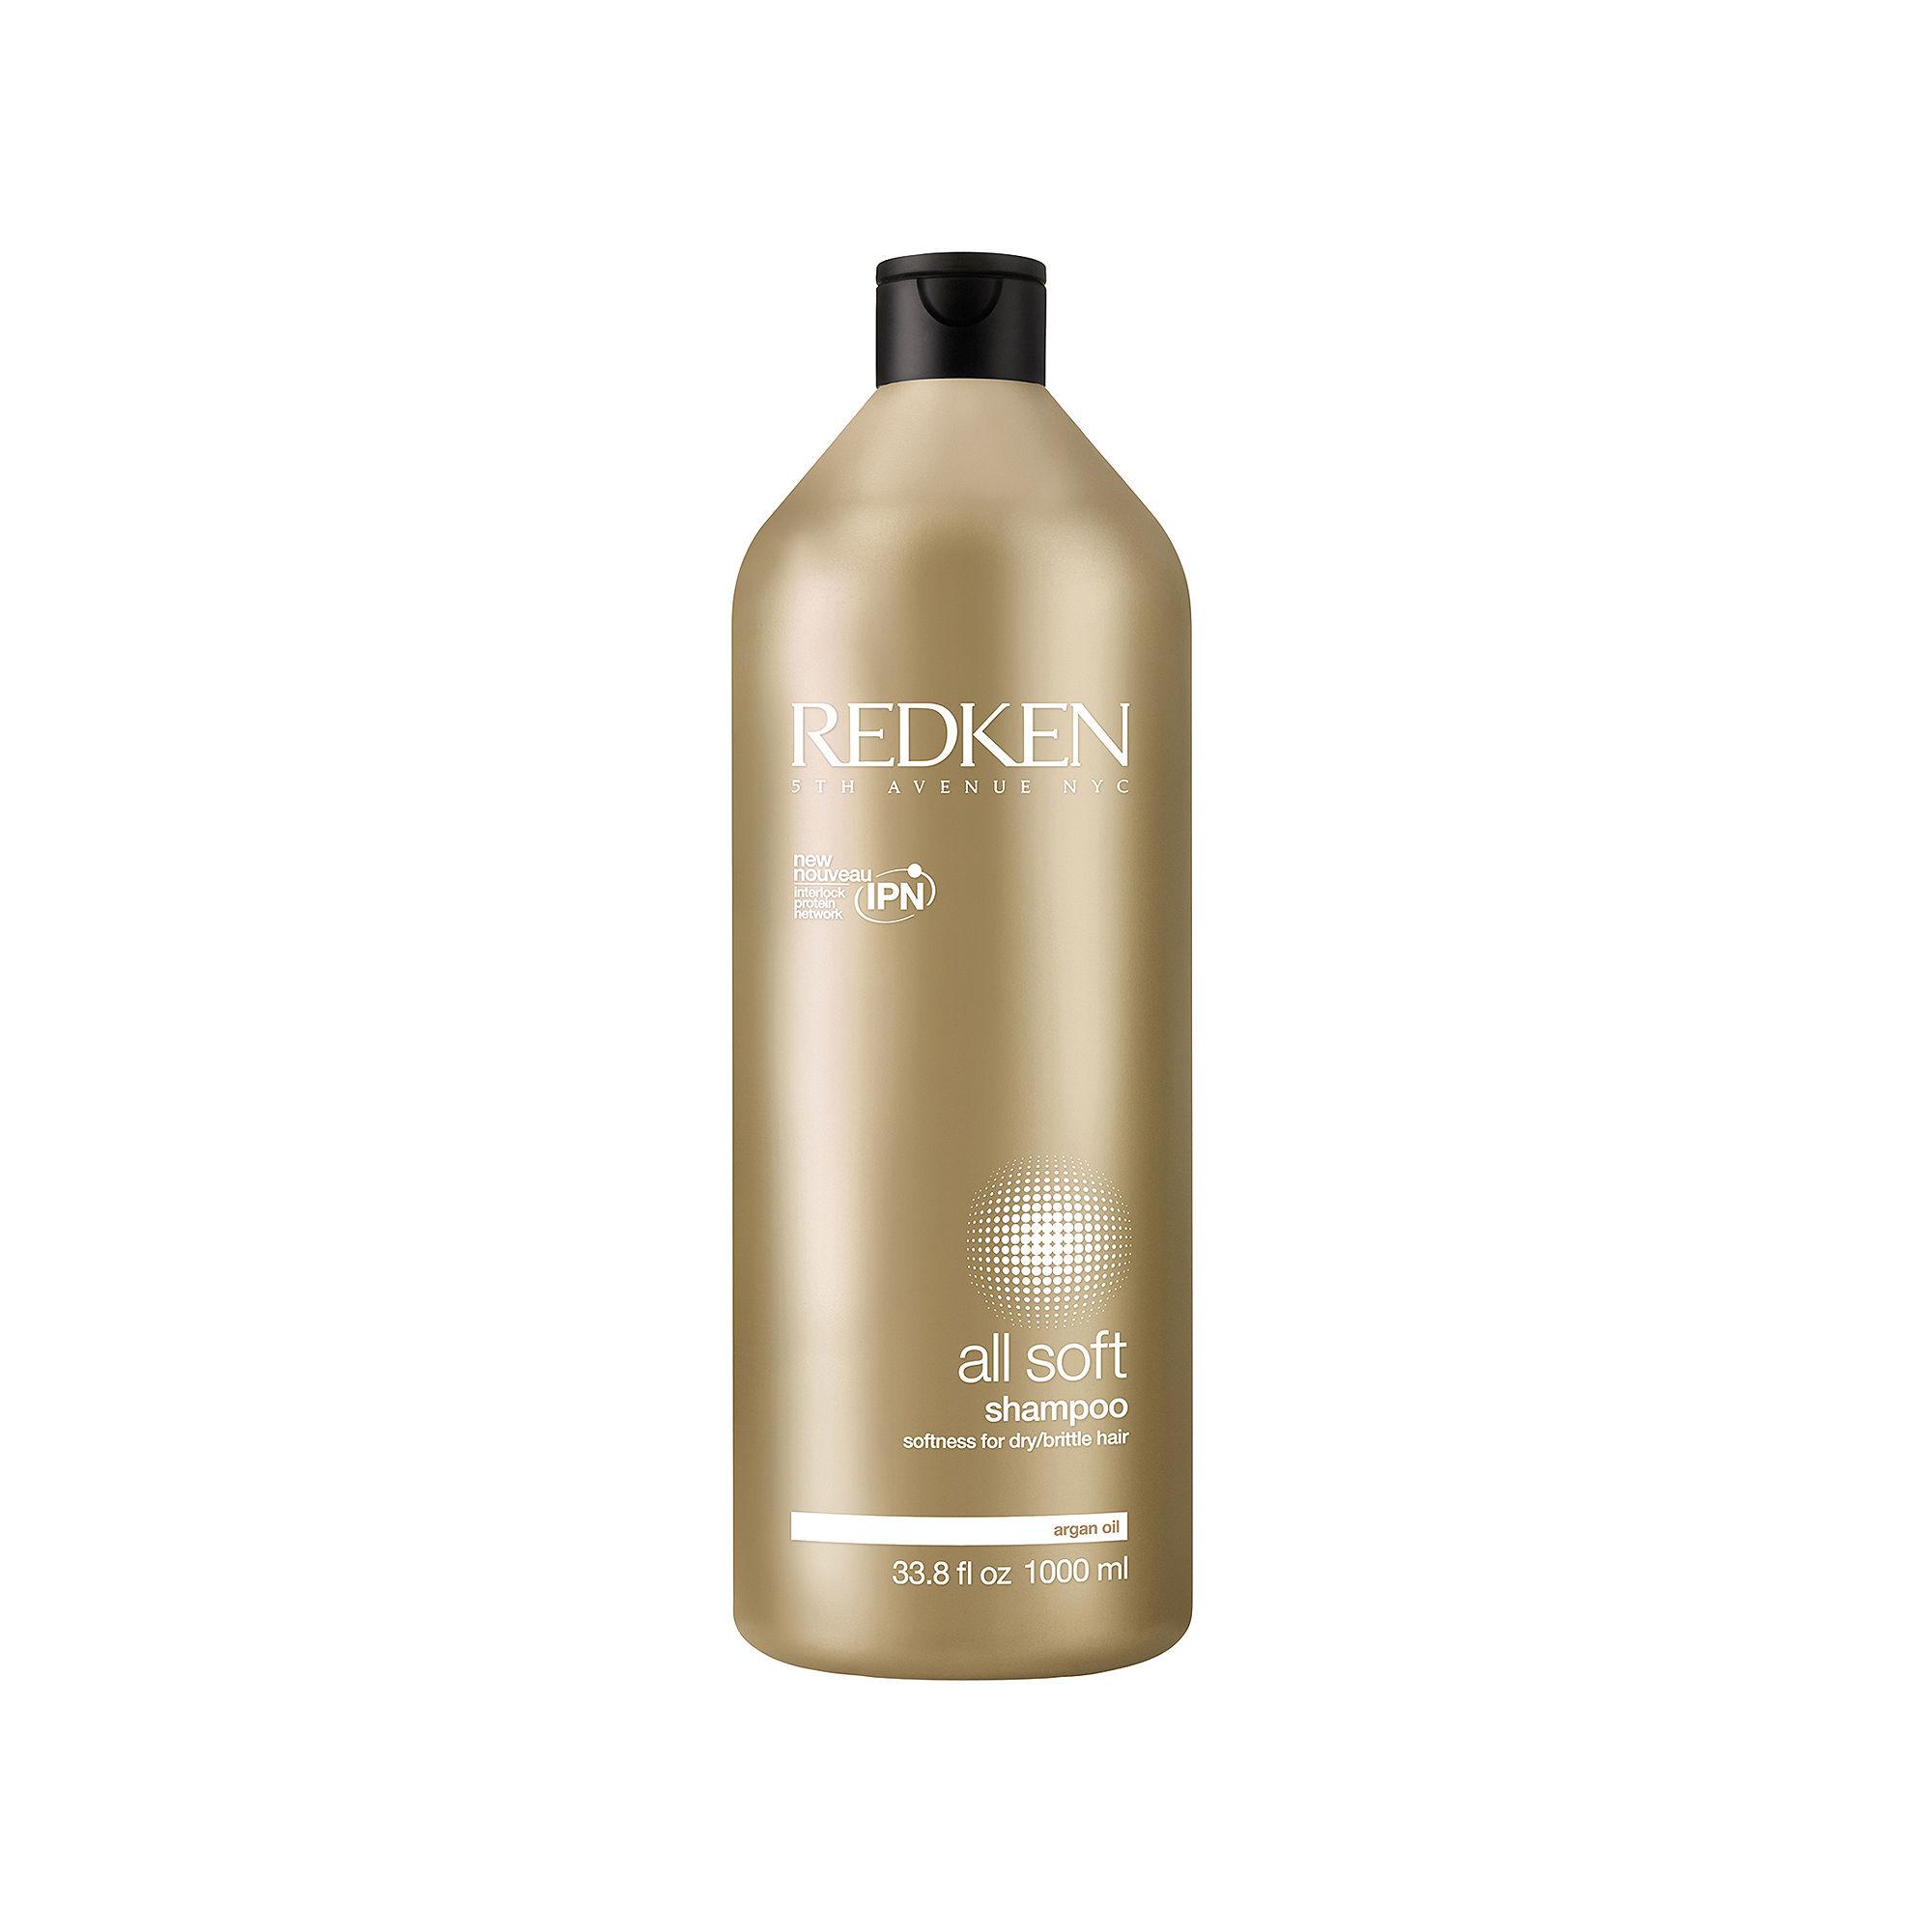 Redken All Soft Shampoo - 33.8 oz.